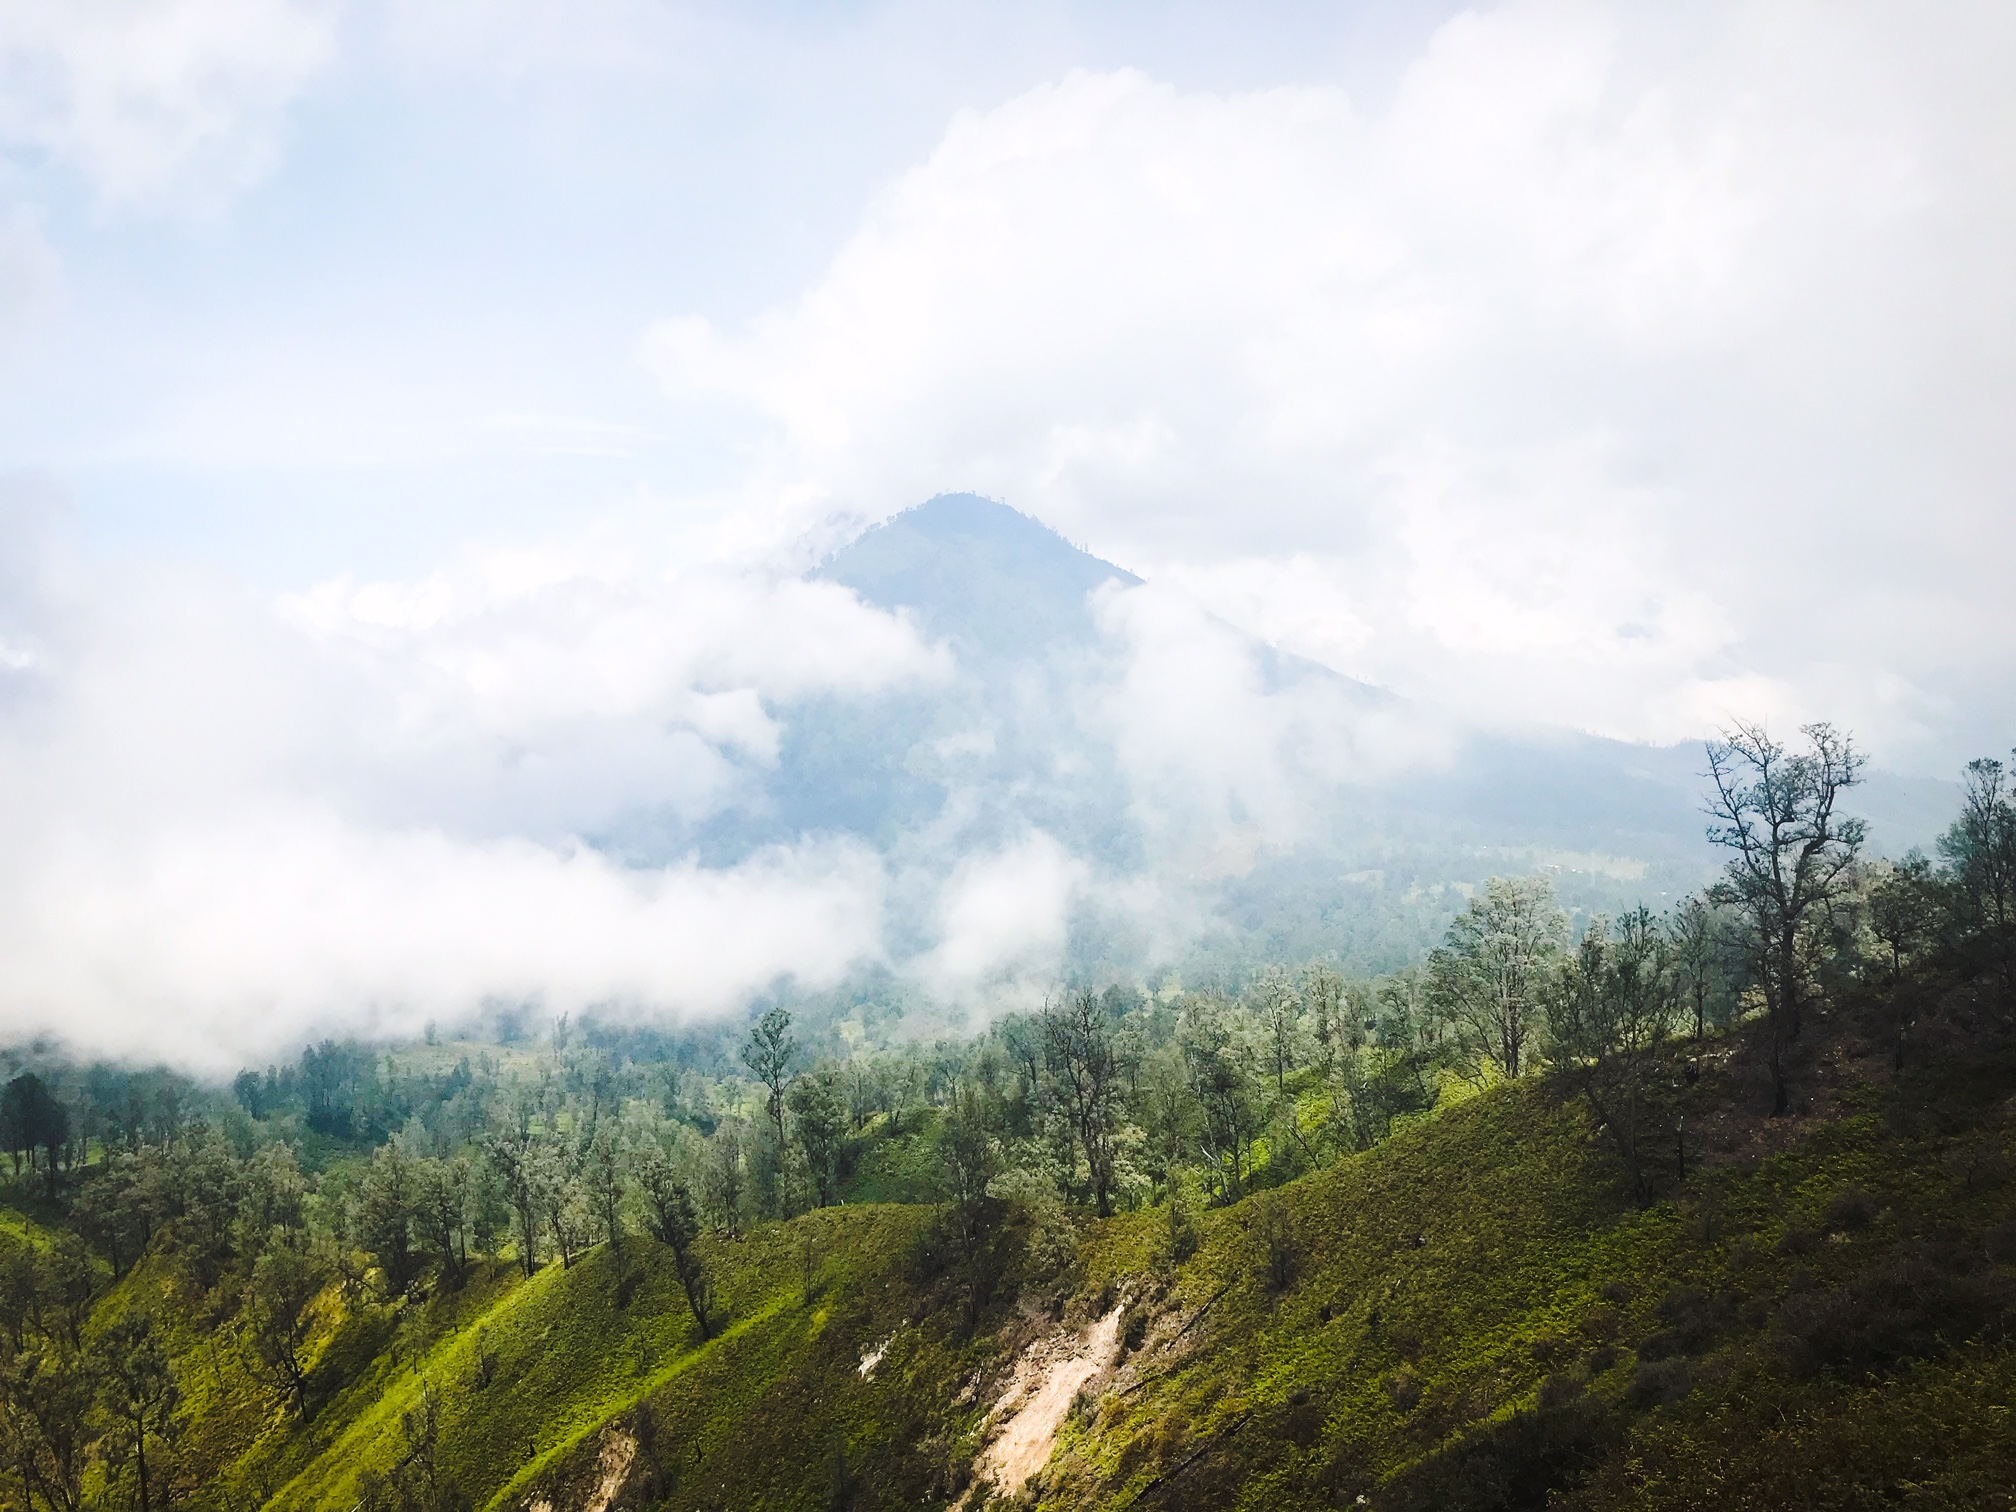 IMG 1192 - Jawa: wulkan Ijen, Bromo, Yogyakarta i świątynie